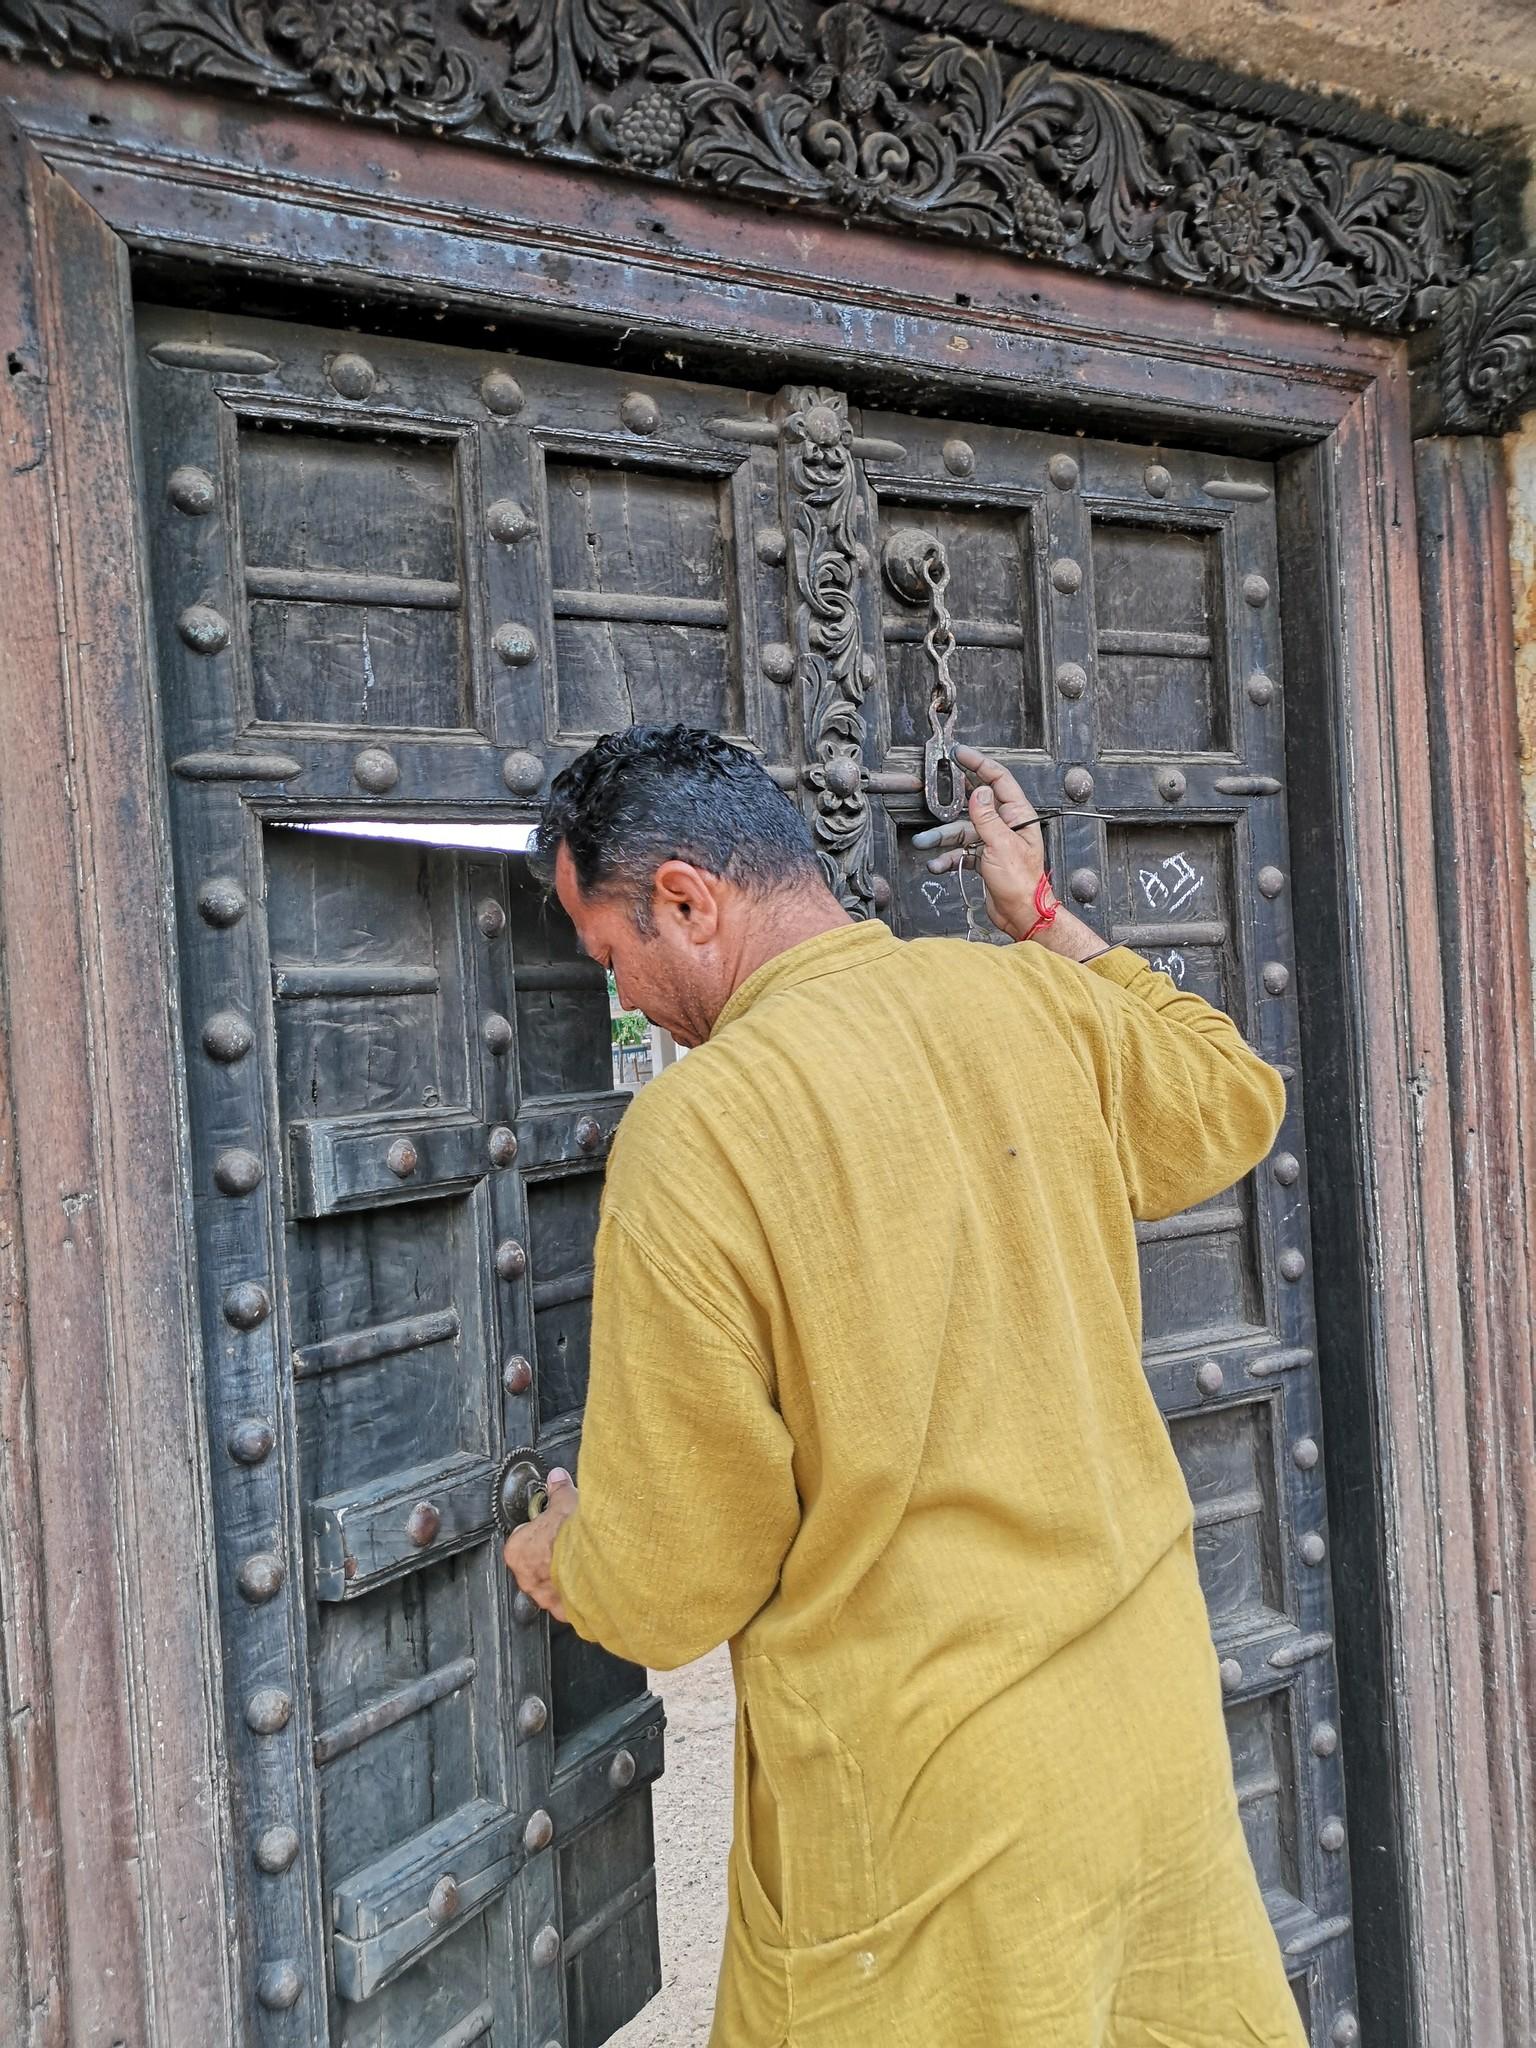 Samji opent de poort naar de binnenplaats